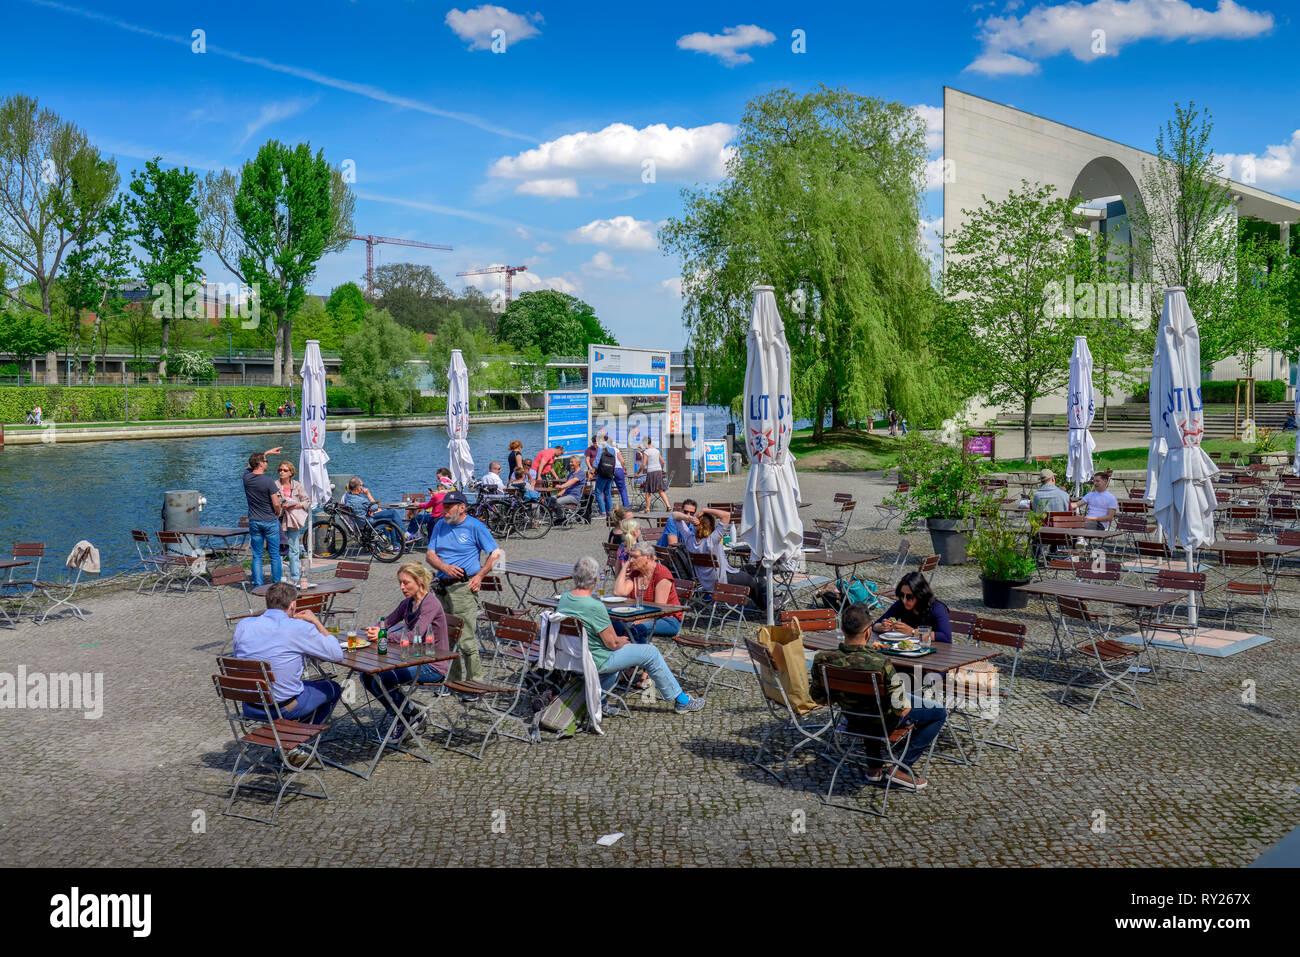 Biergarten, Haus der Kulturen der Welt, il Tiergarten, nel quartiere Mitte di Berlino, Deutschland Immagini Stock